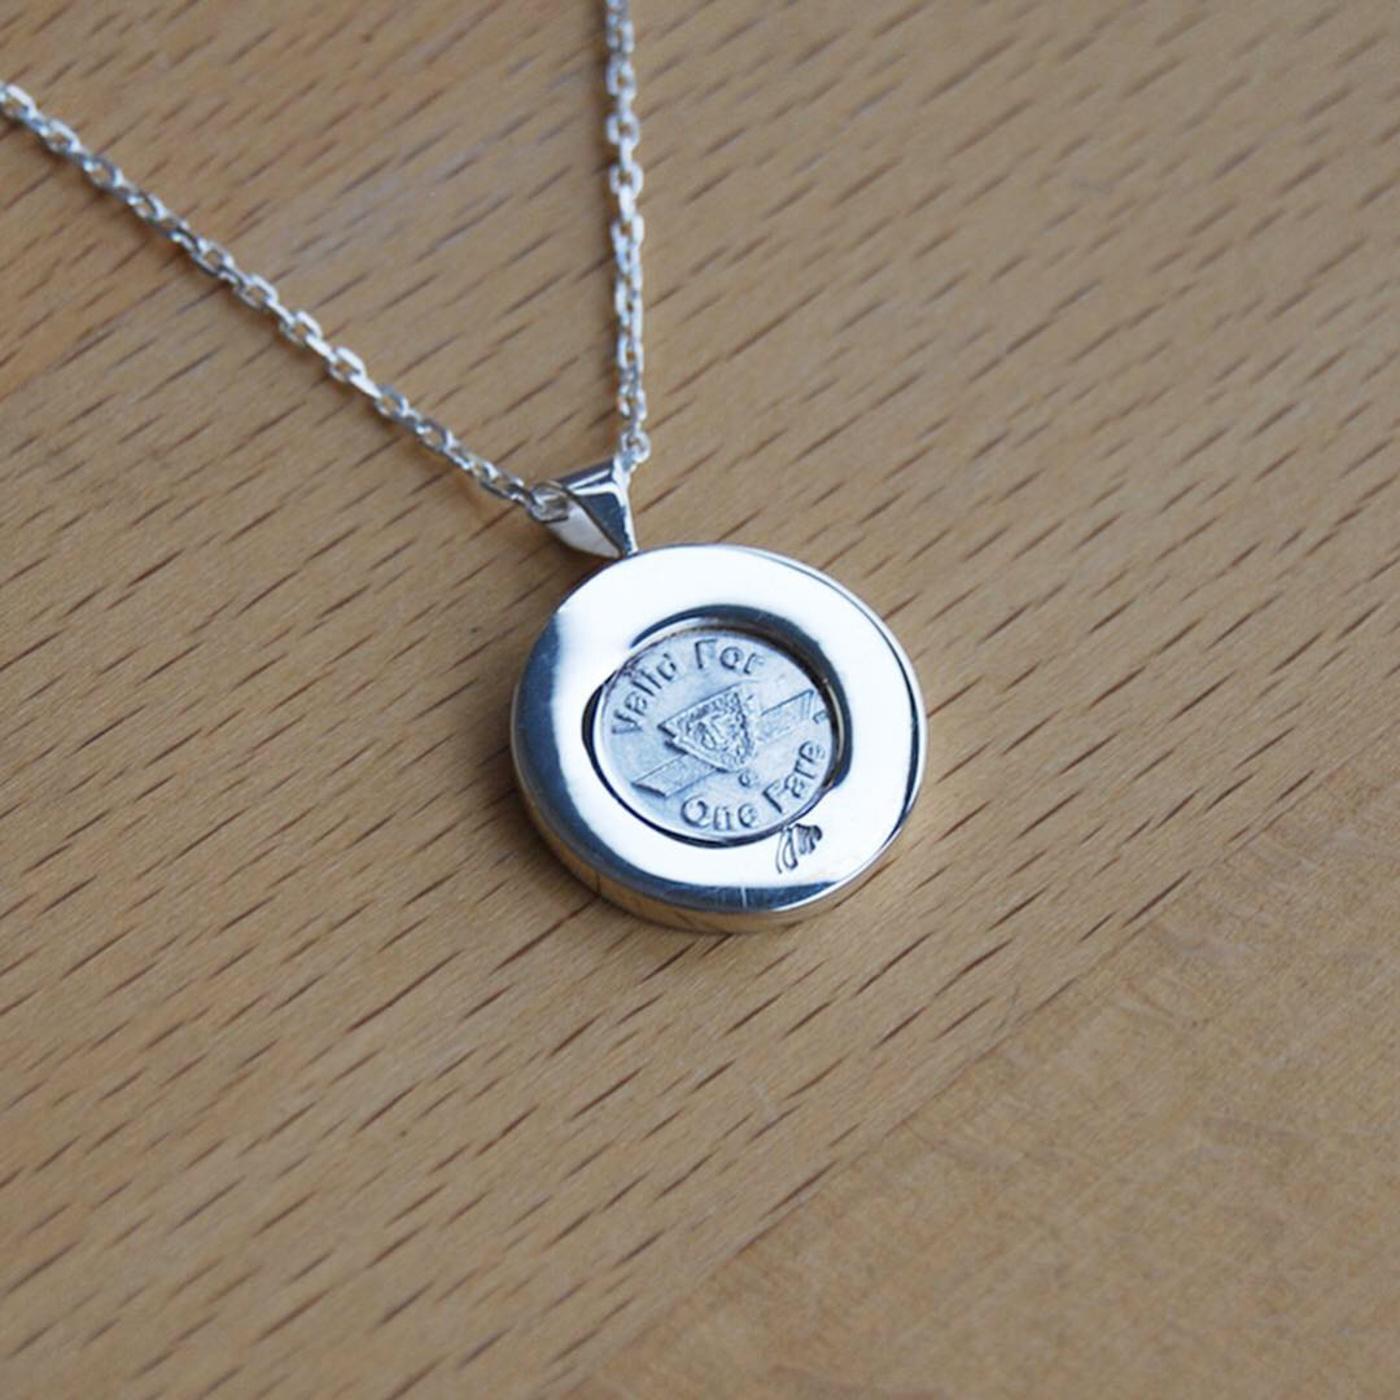 ttc token necklace